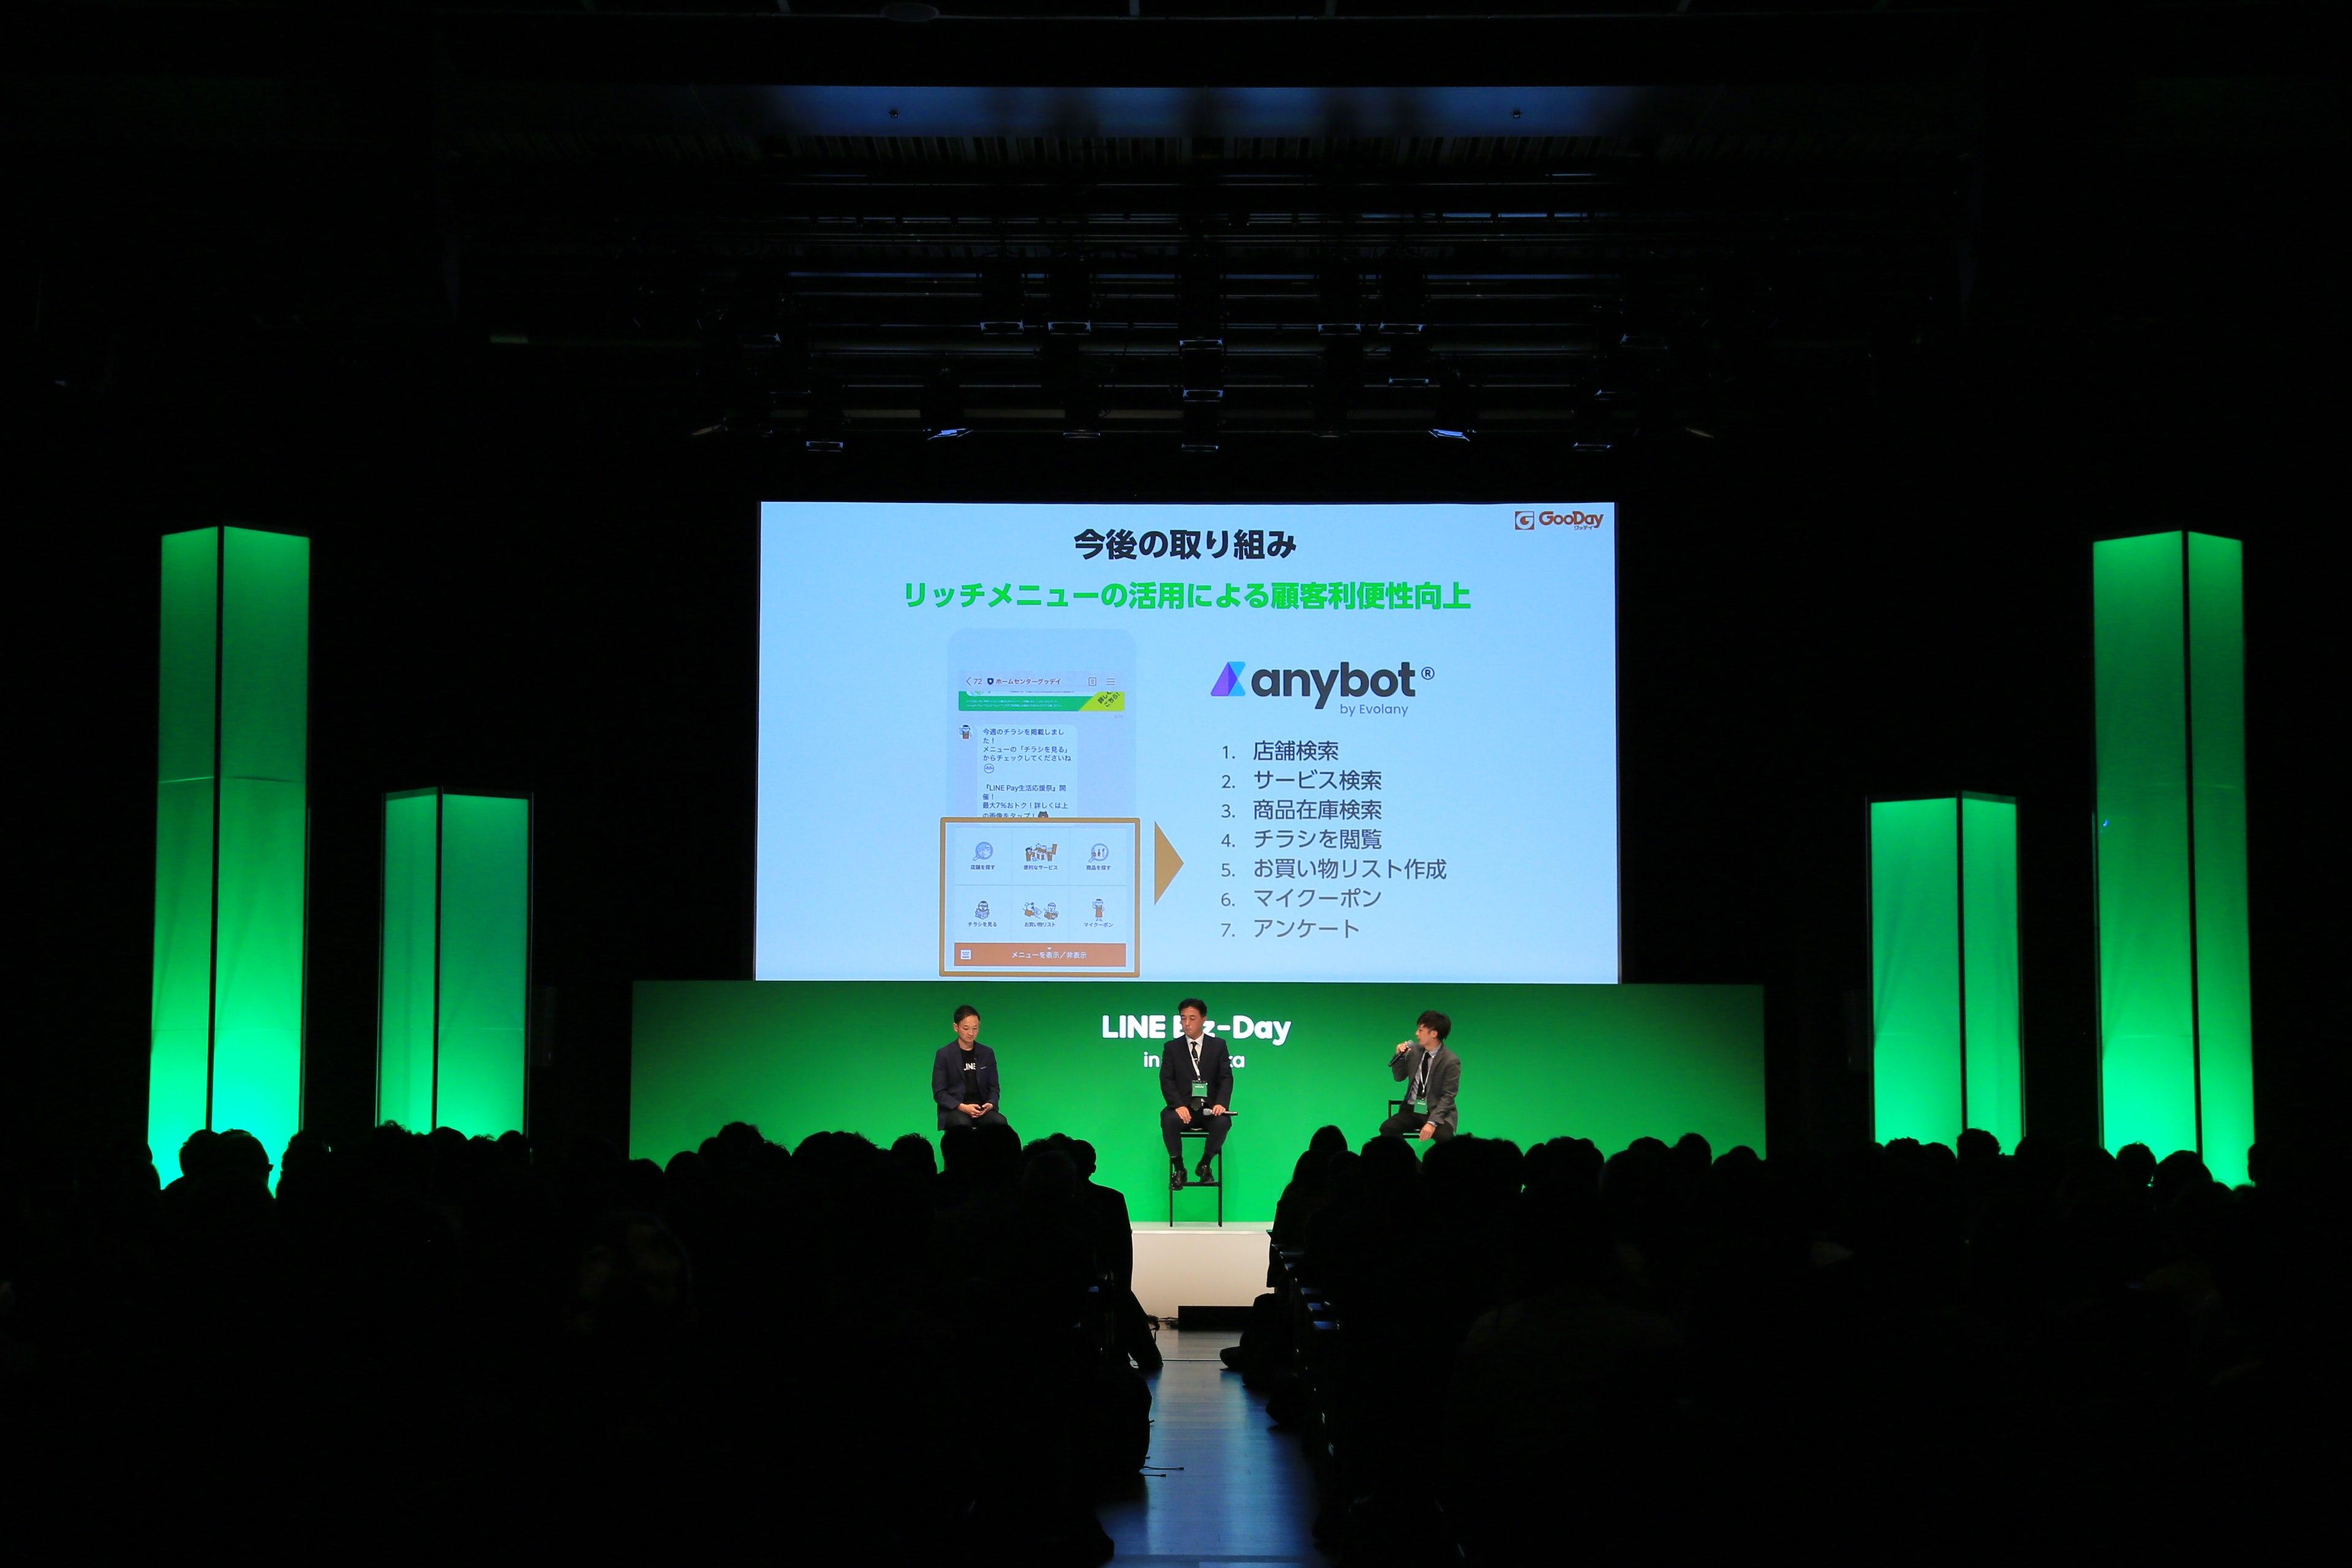 株式会社グッデイのanybot導入事例をLINE Biz-Day in Fukuokaで紹介